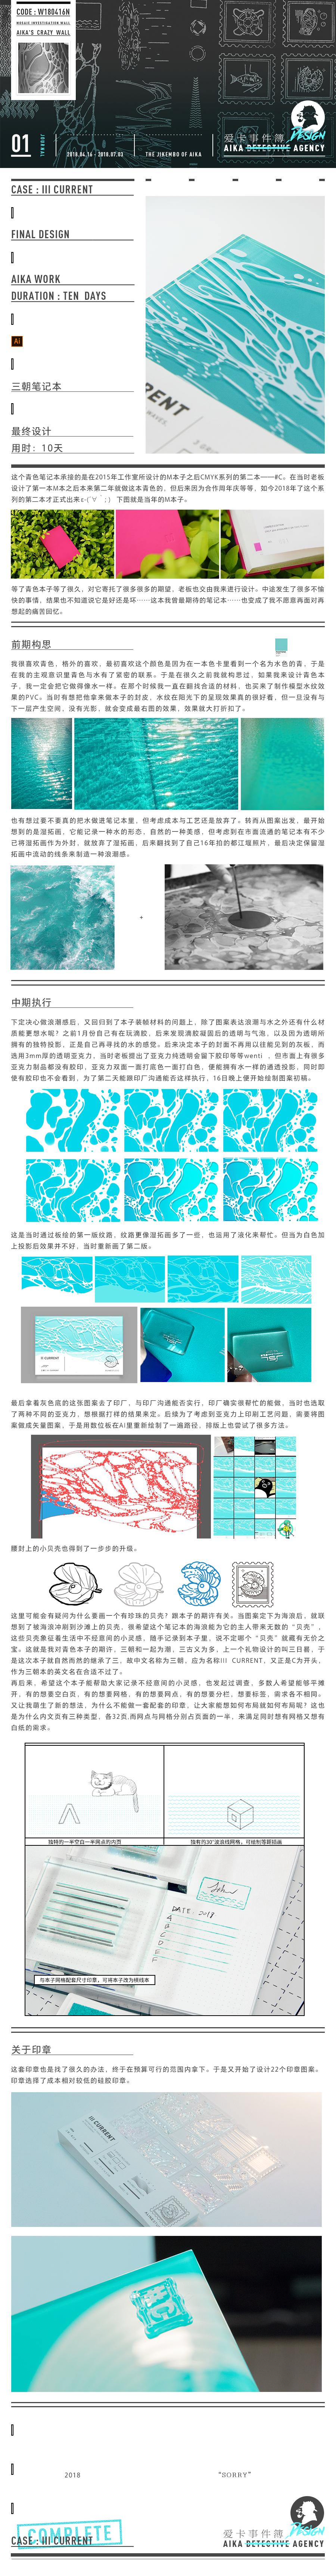 查看《礼品设计-| 三朝·笔记本 | & | 艾美特·员工手册|》原图,原图尺寸:900x6900